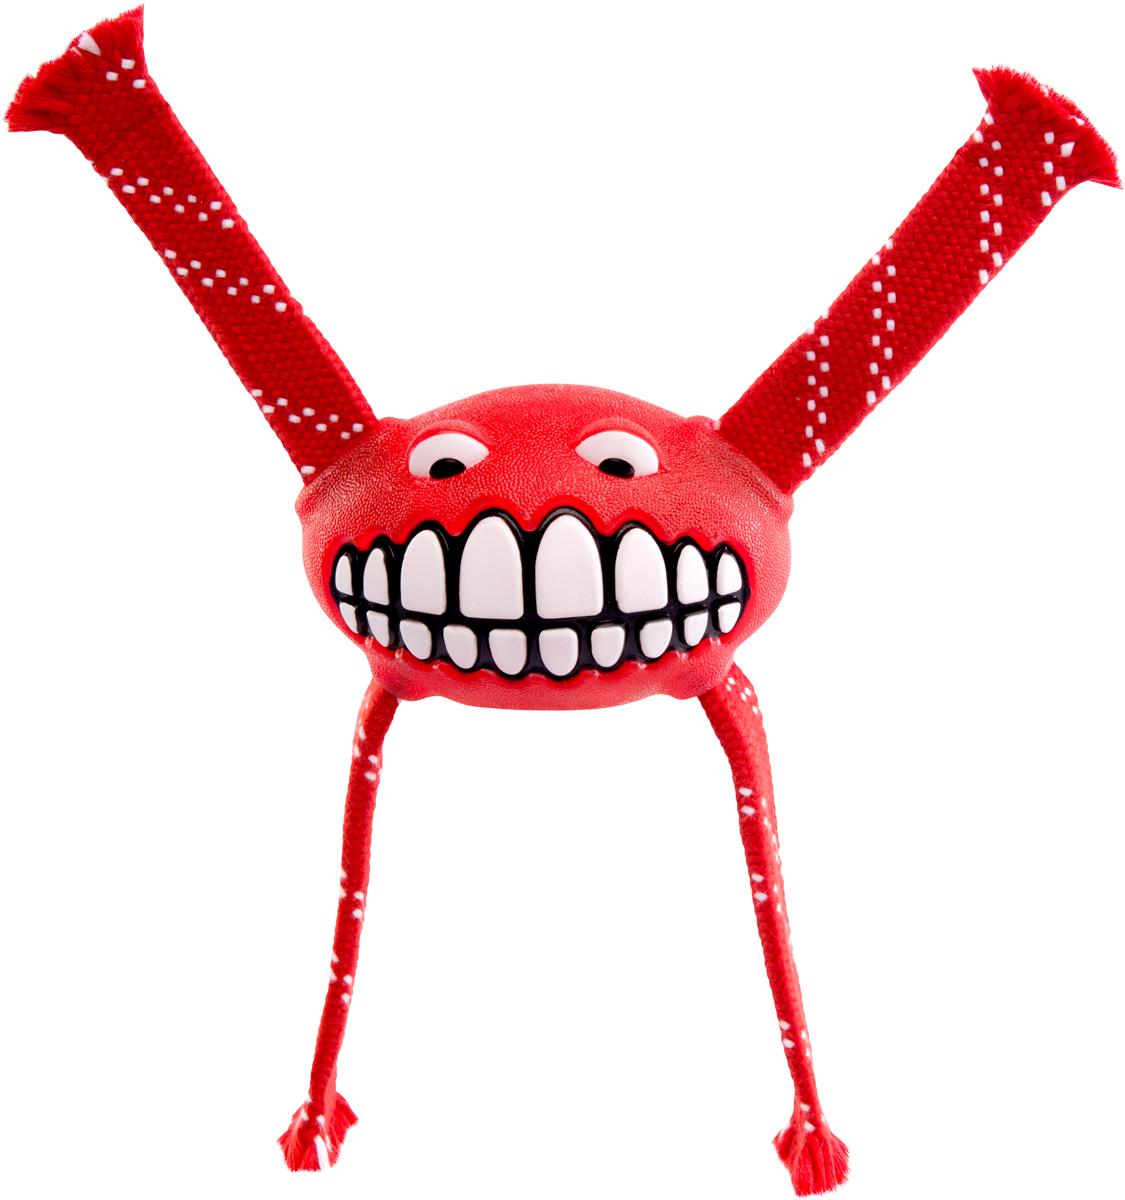 Игрушка для собак Rogz Flossy Grinz. Зубы, цвет: красный, длина 24 смFGR05CИгрушка для собак Rogz Flossy Grinz. Зубы типа Отними - очень прочная и крепкая.Внутри – пищалка, что поддерживает интерес животного к игре.Уникальная функция игрушки - чистит язык и зубы.